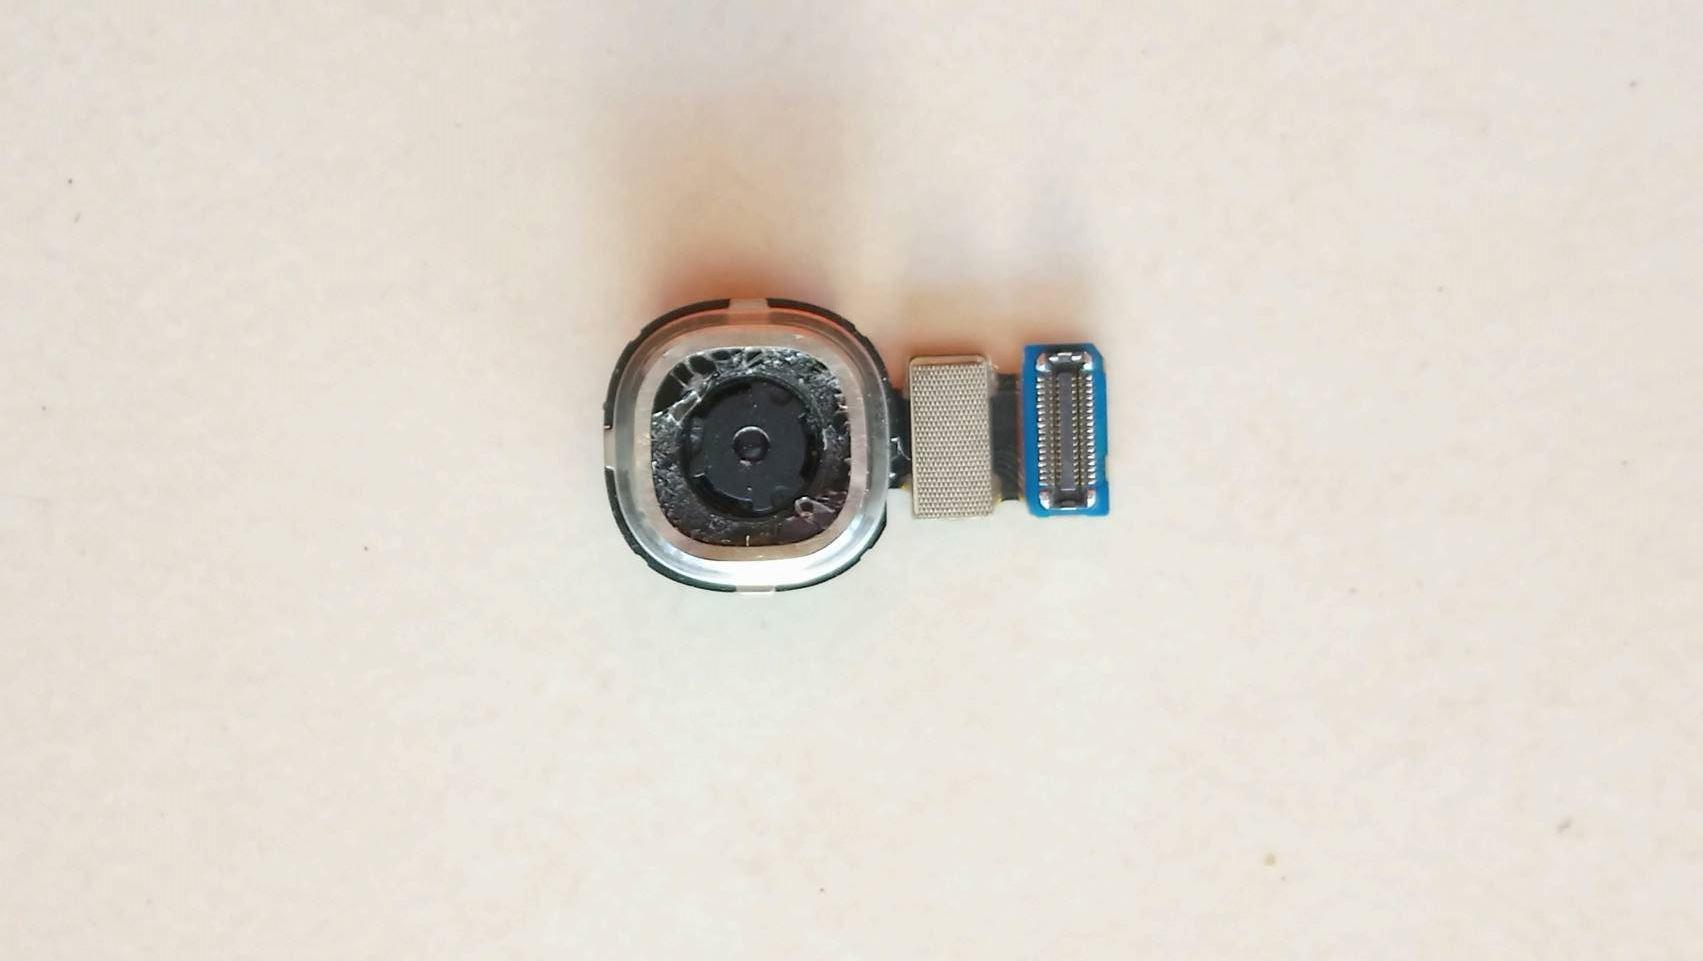 กล้องหลัง SAMSUNG S4 GT-i9500 มืออสอง